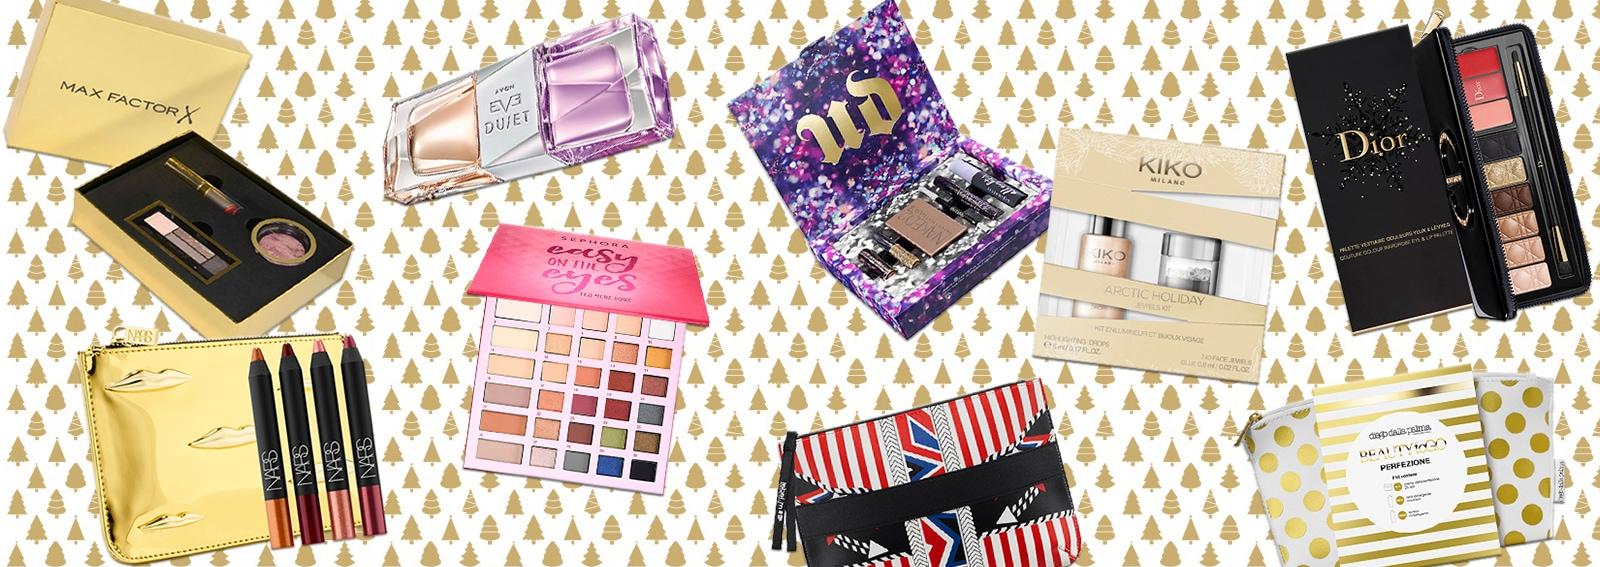 regali di natale dell'ultimo minuto beauty make up skin care collage_desktop